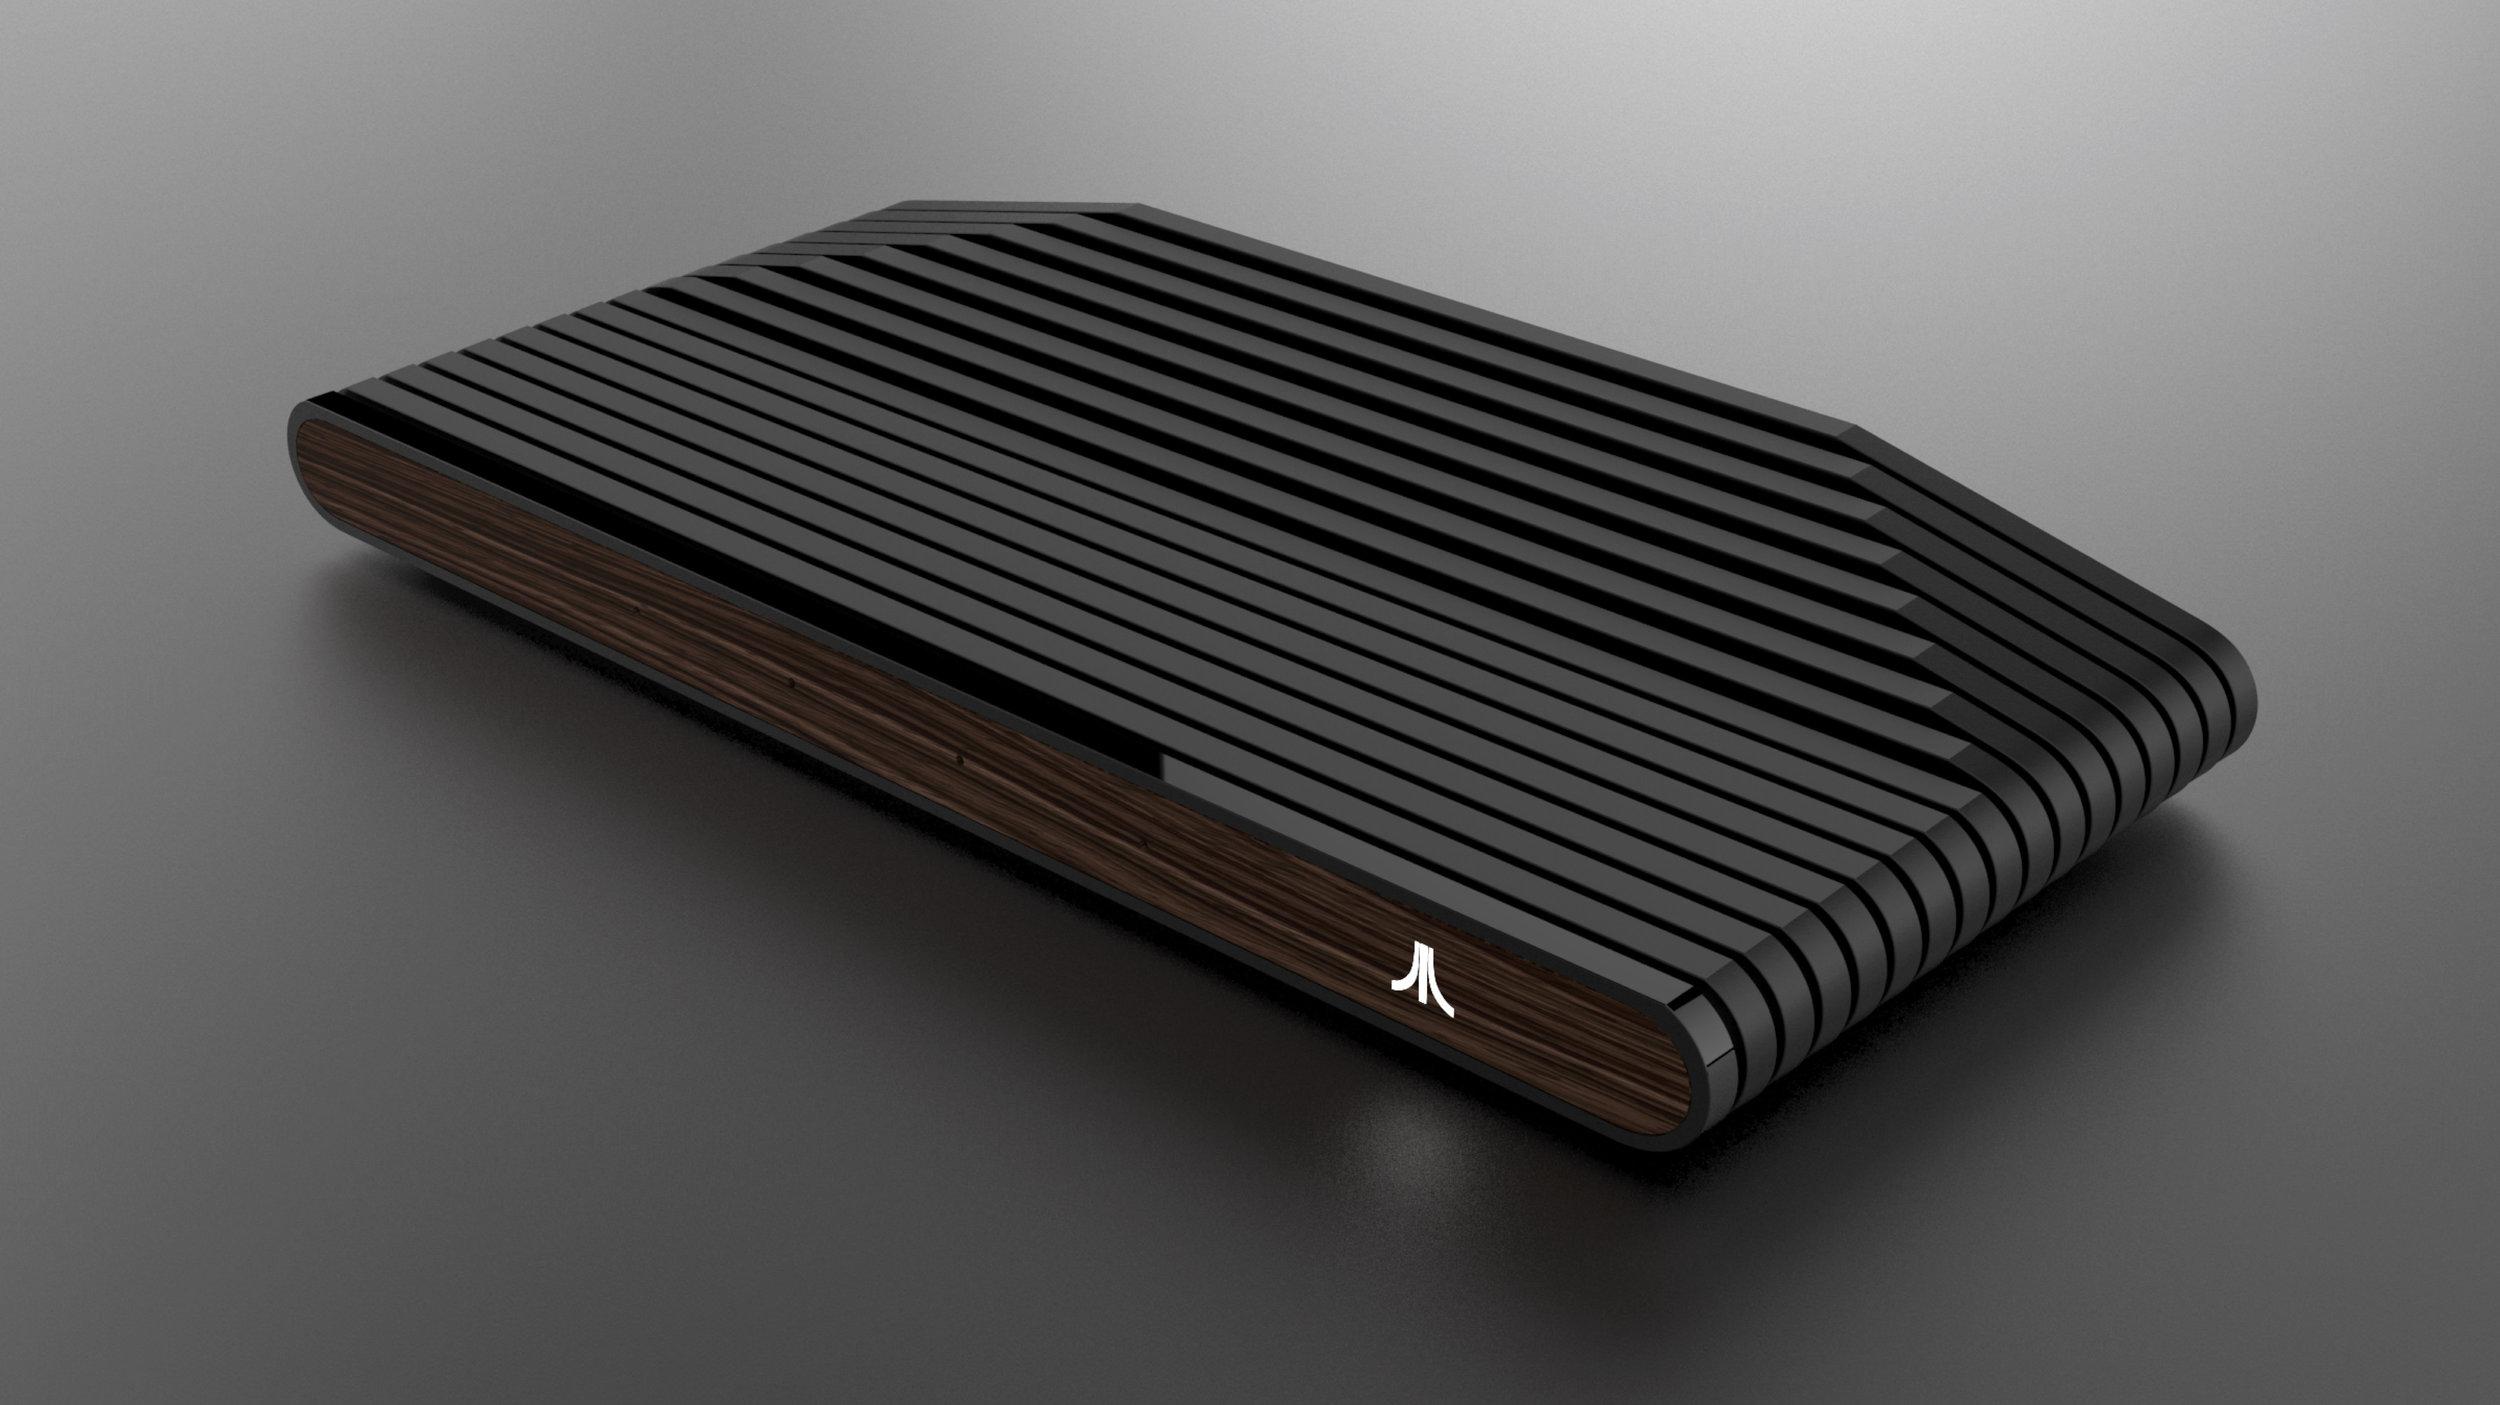 Atari está de vuelta con Ataribox: la nueva consola llena de clásicos y nostalgia ataribox 2 1